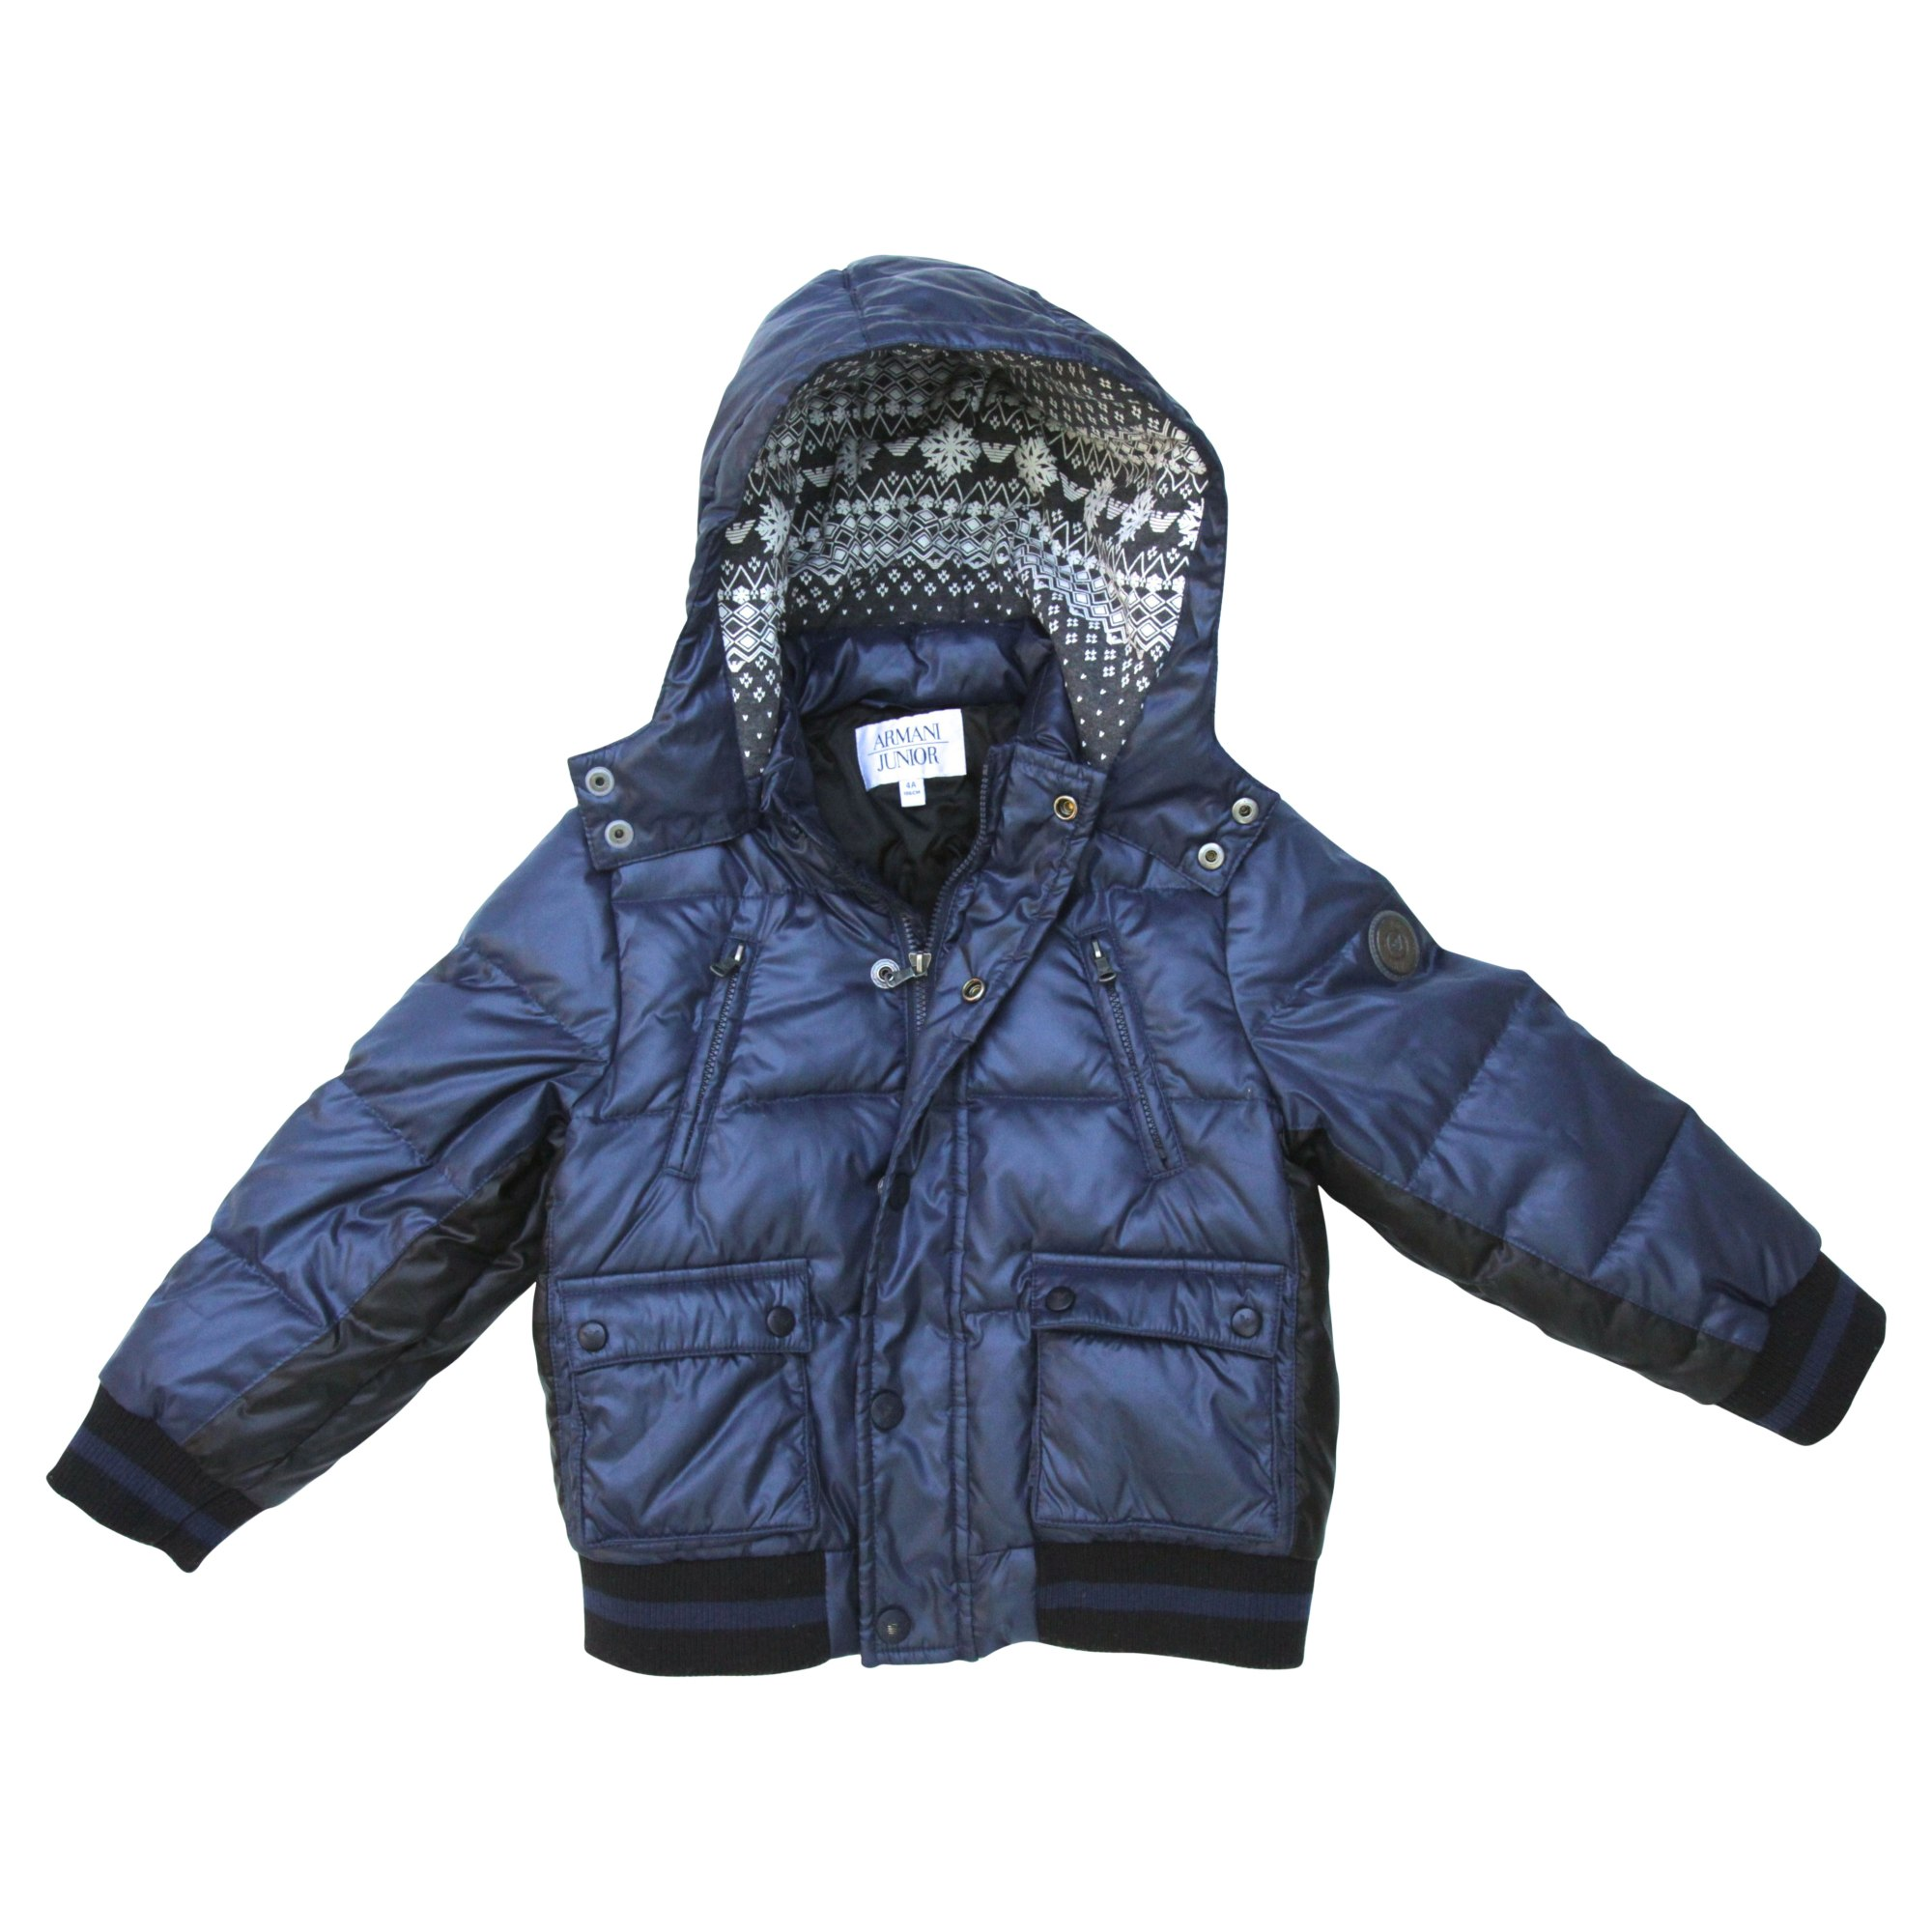 Doudoune ARMANI JUNIOR 3-4 ans bleu vendu par La boutique de drole 2 ... 4fc89321858